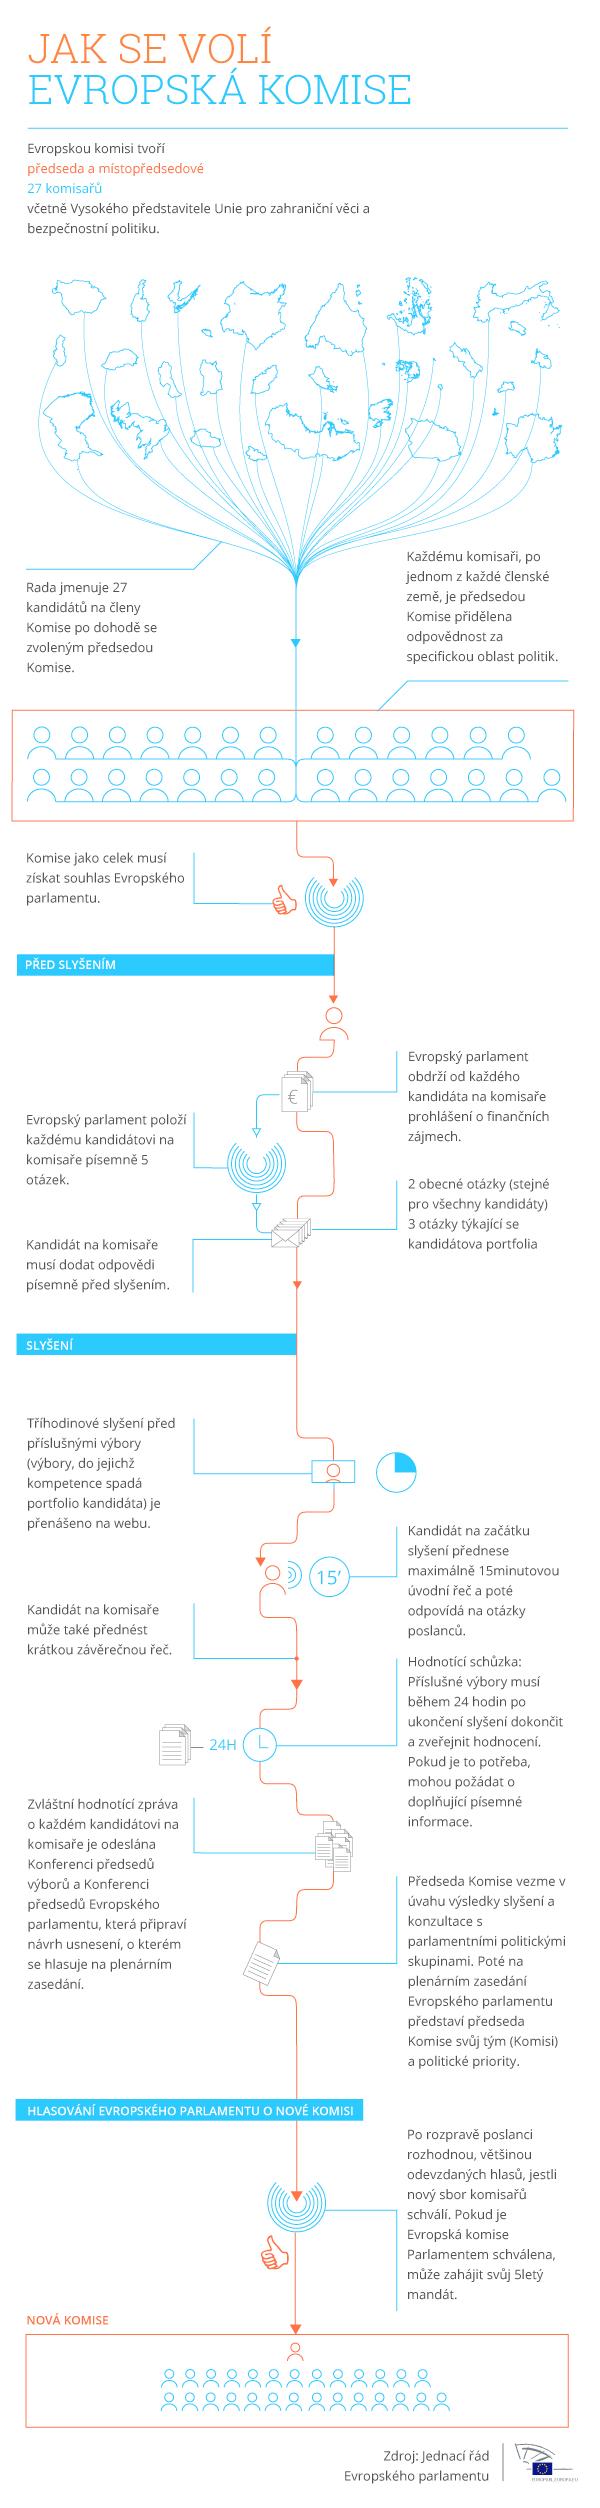 Infografika: Jak se schvaluje nová Evropská komise